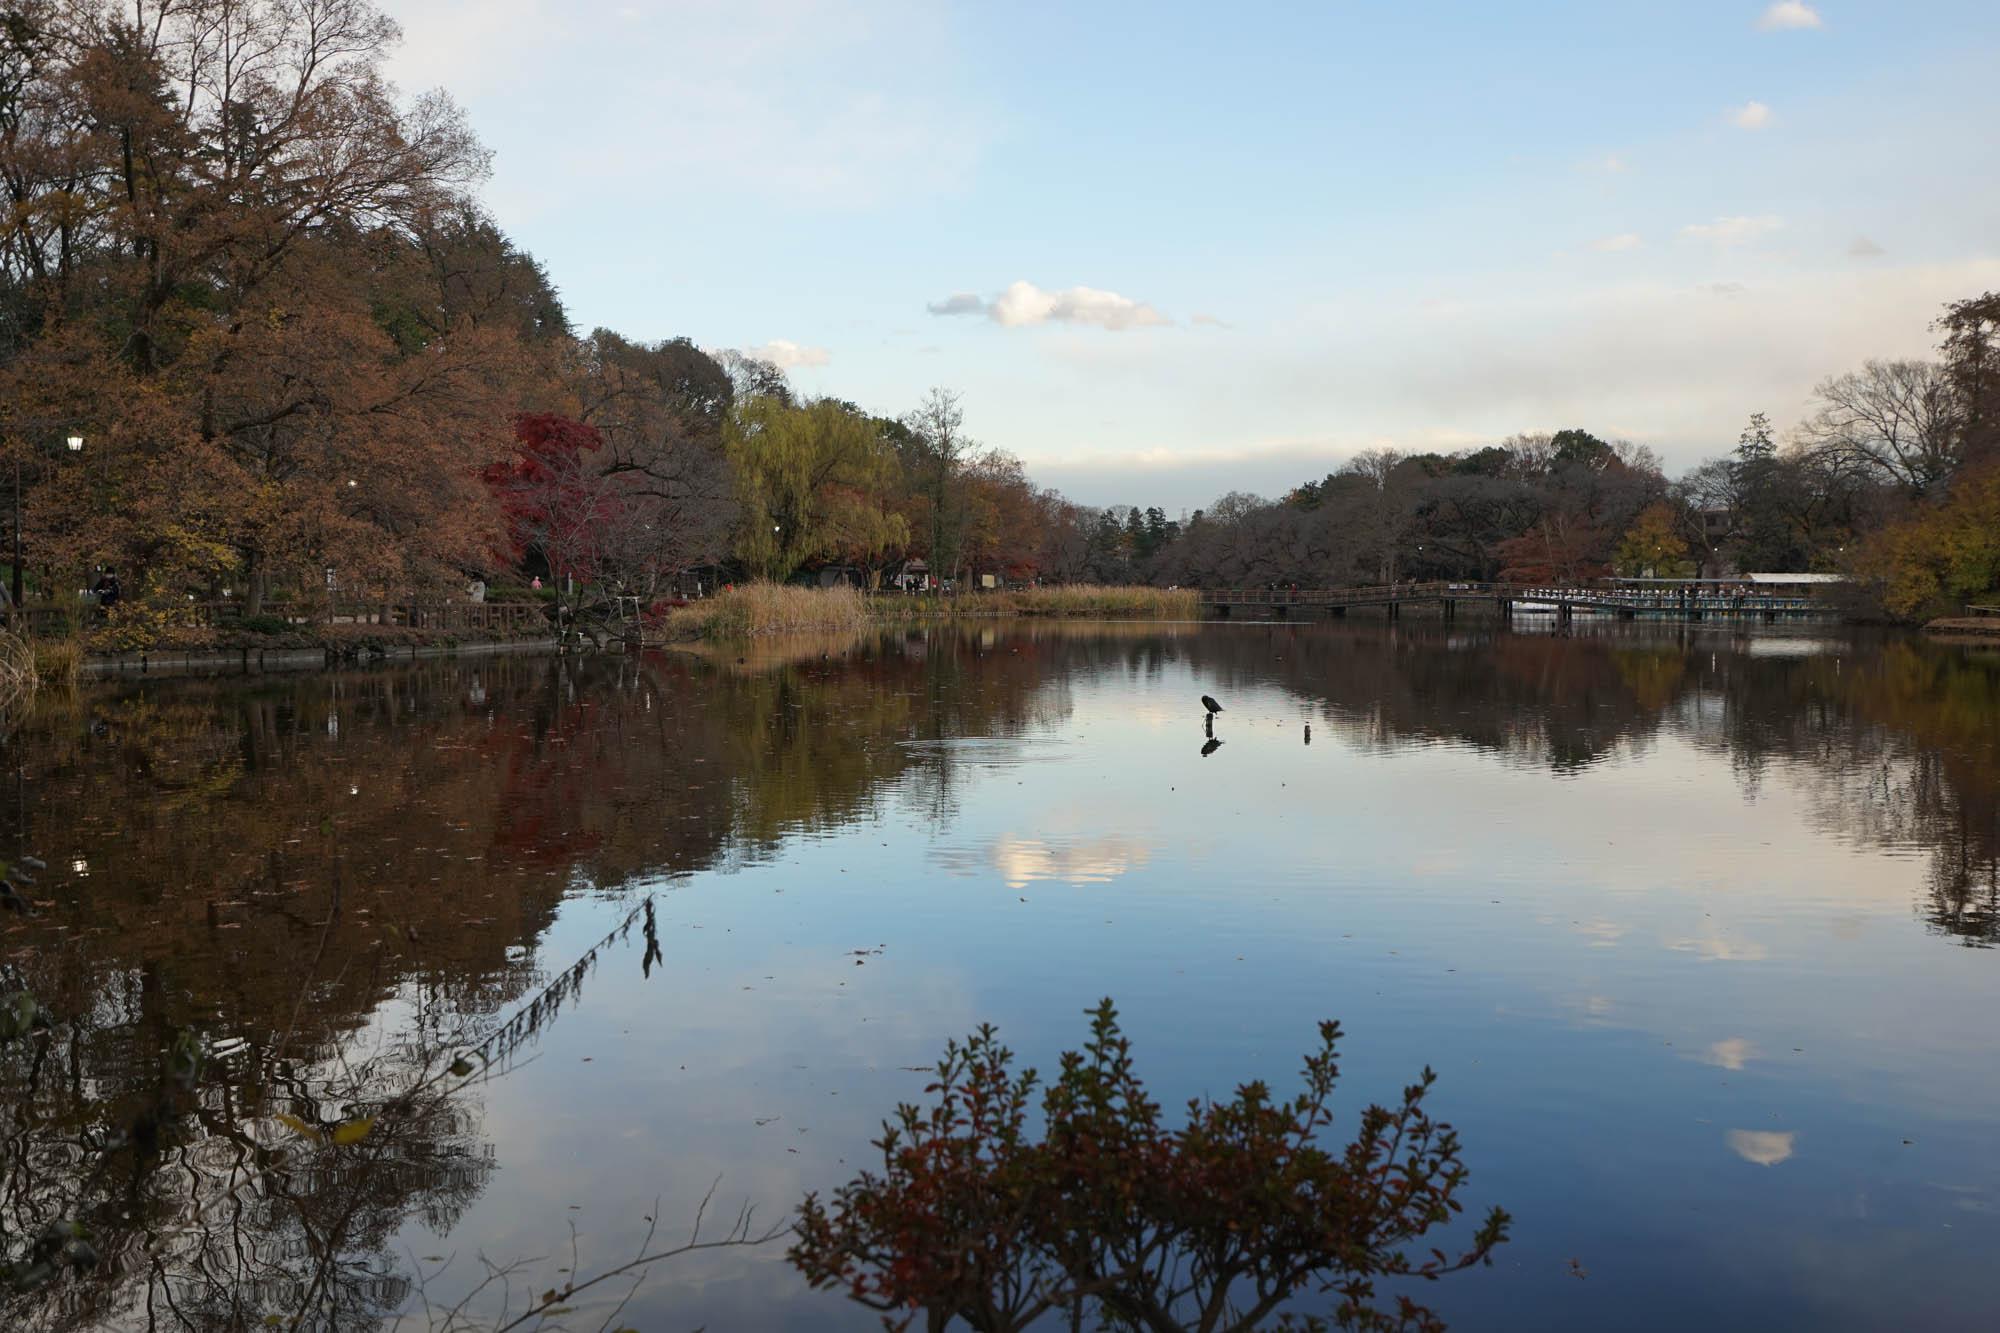 大きな池を中心にした、言わずと知れた都民の憩いのオアシスですね。